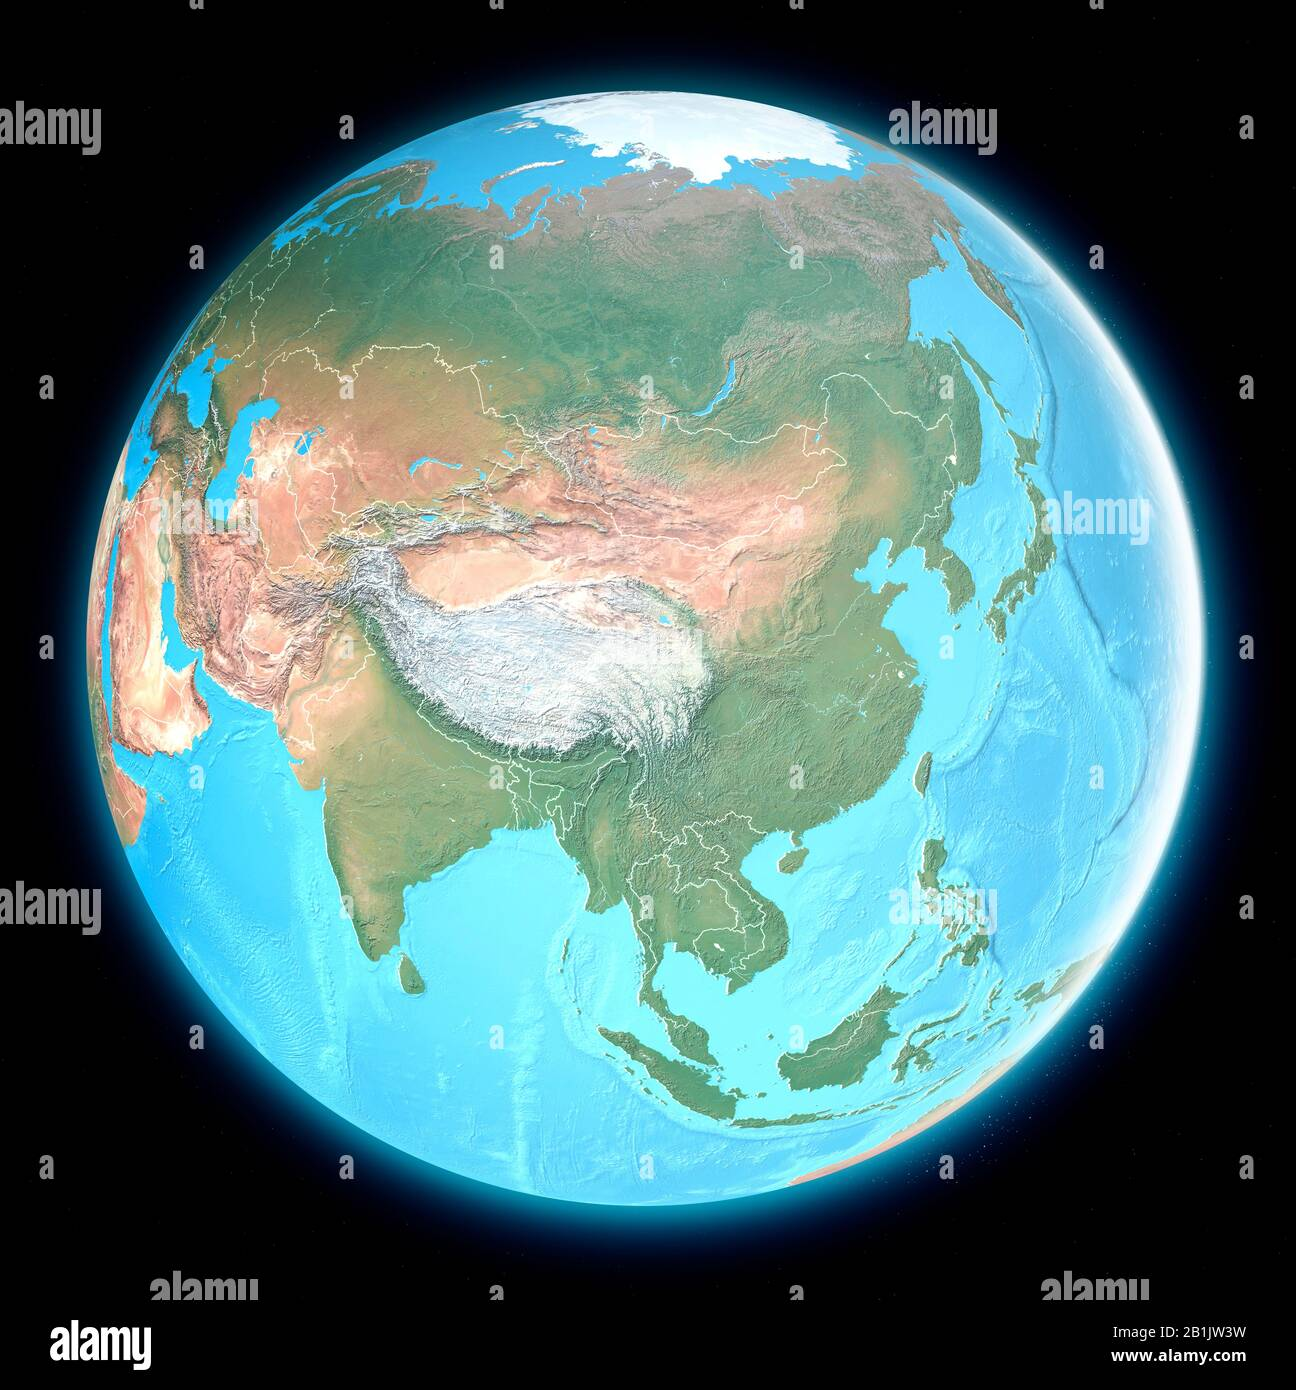 Cartina Asia Fisica.Mappa Del Mondo Dell Asia Vista Satellitare Mappa Geografica Fisica Cartografia Atlante Di Rilievo Rendering 3d Foto Stock Alamy